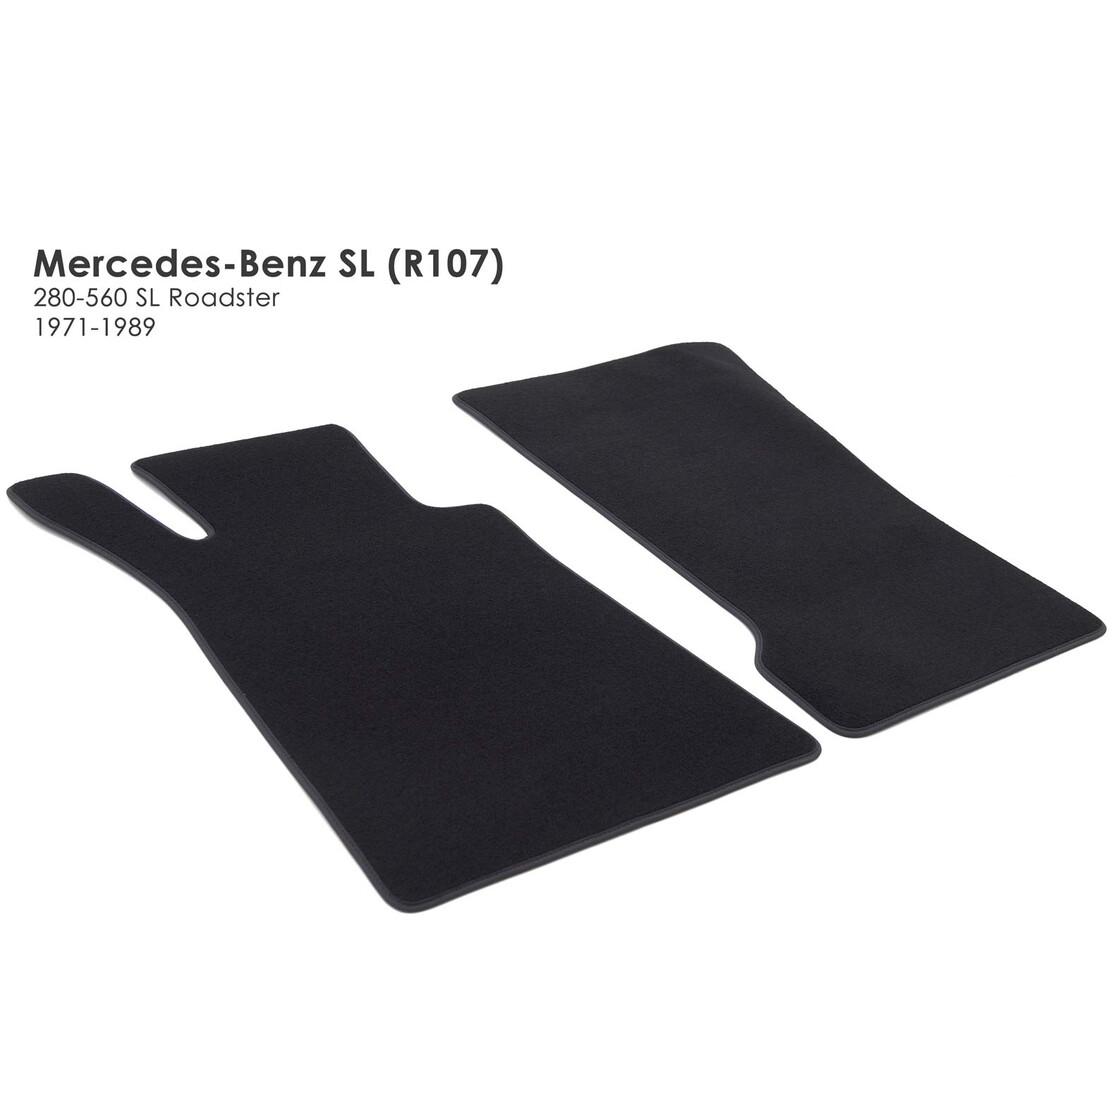 NEU $$$ $$$ Rips Fußmatten passend für Mercedes Benz R107 SL BLAU RUTSCHFEST